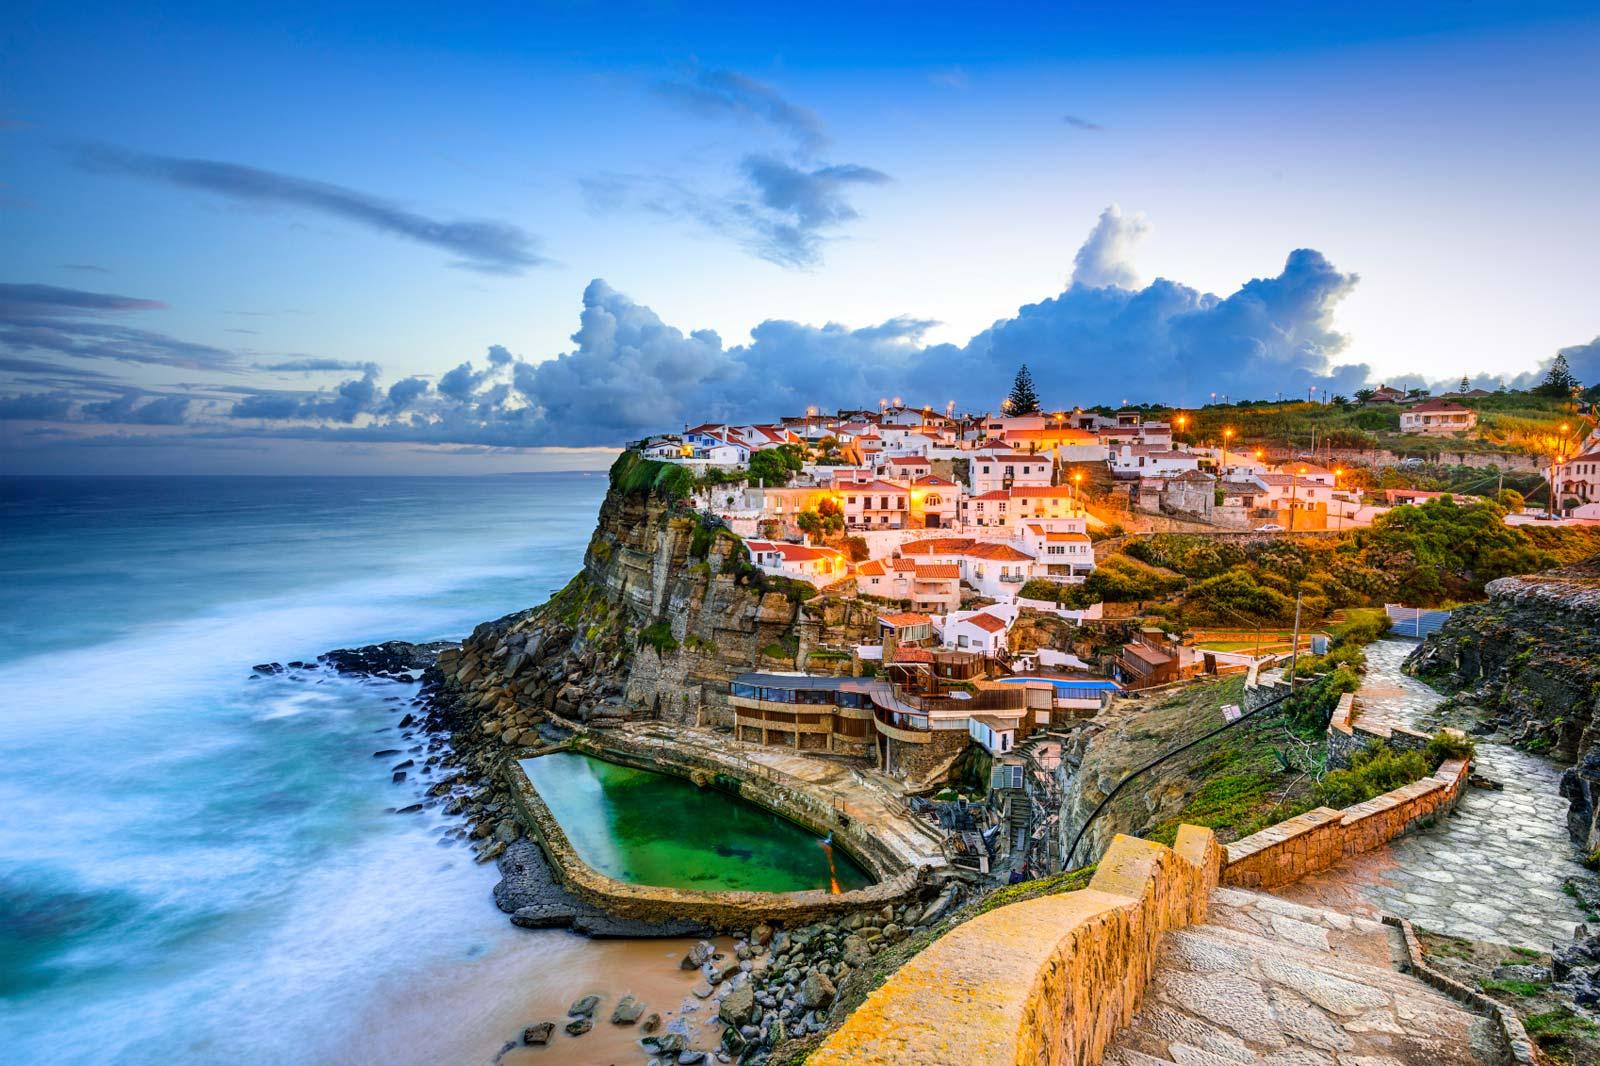 Định cư Bồ Đào Nha - Ảnh 3